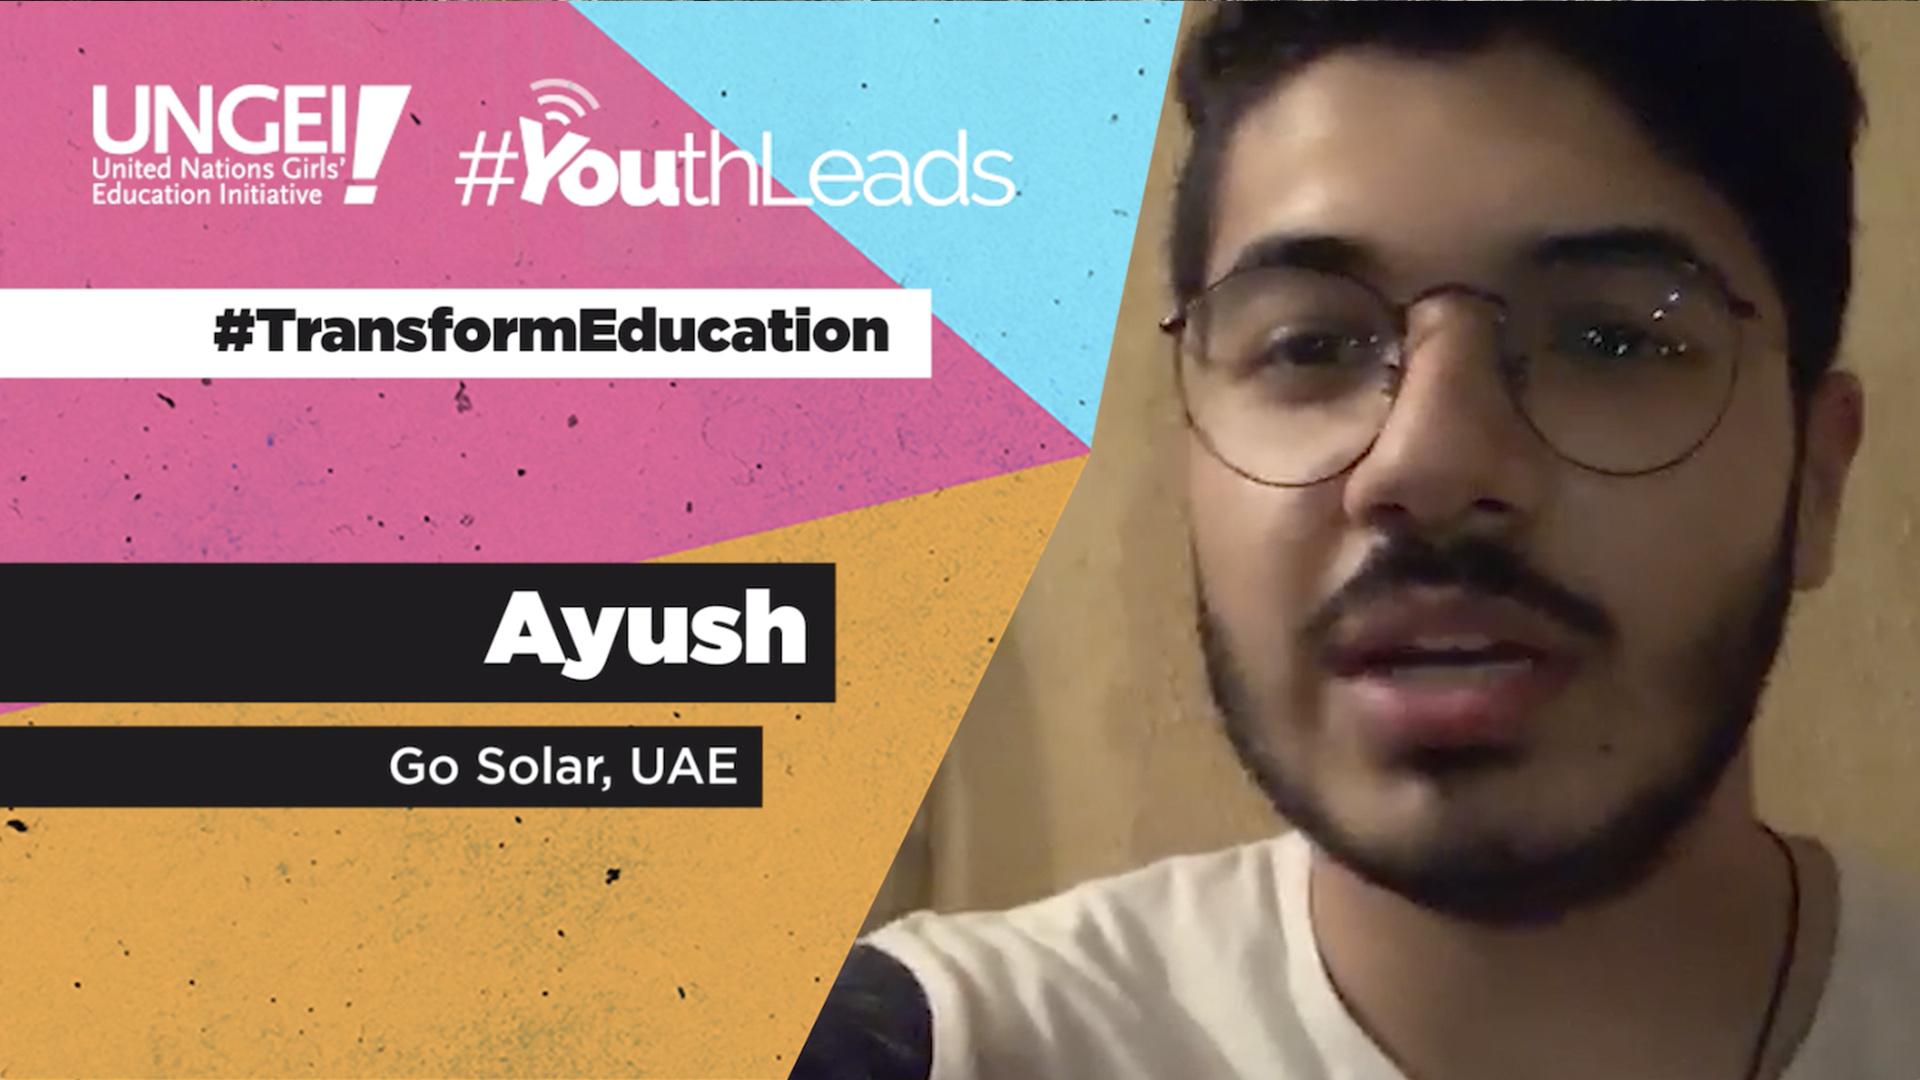 Ayush (GoSolar, UAE)